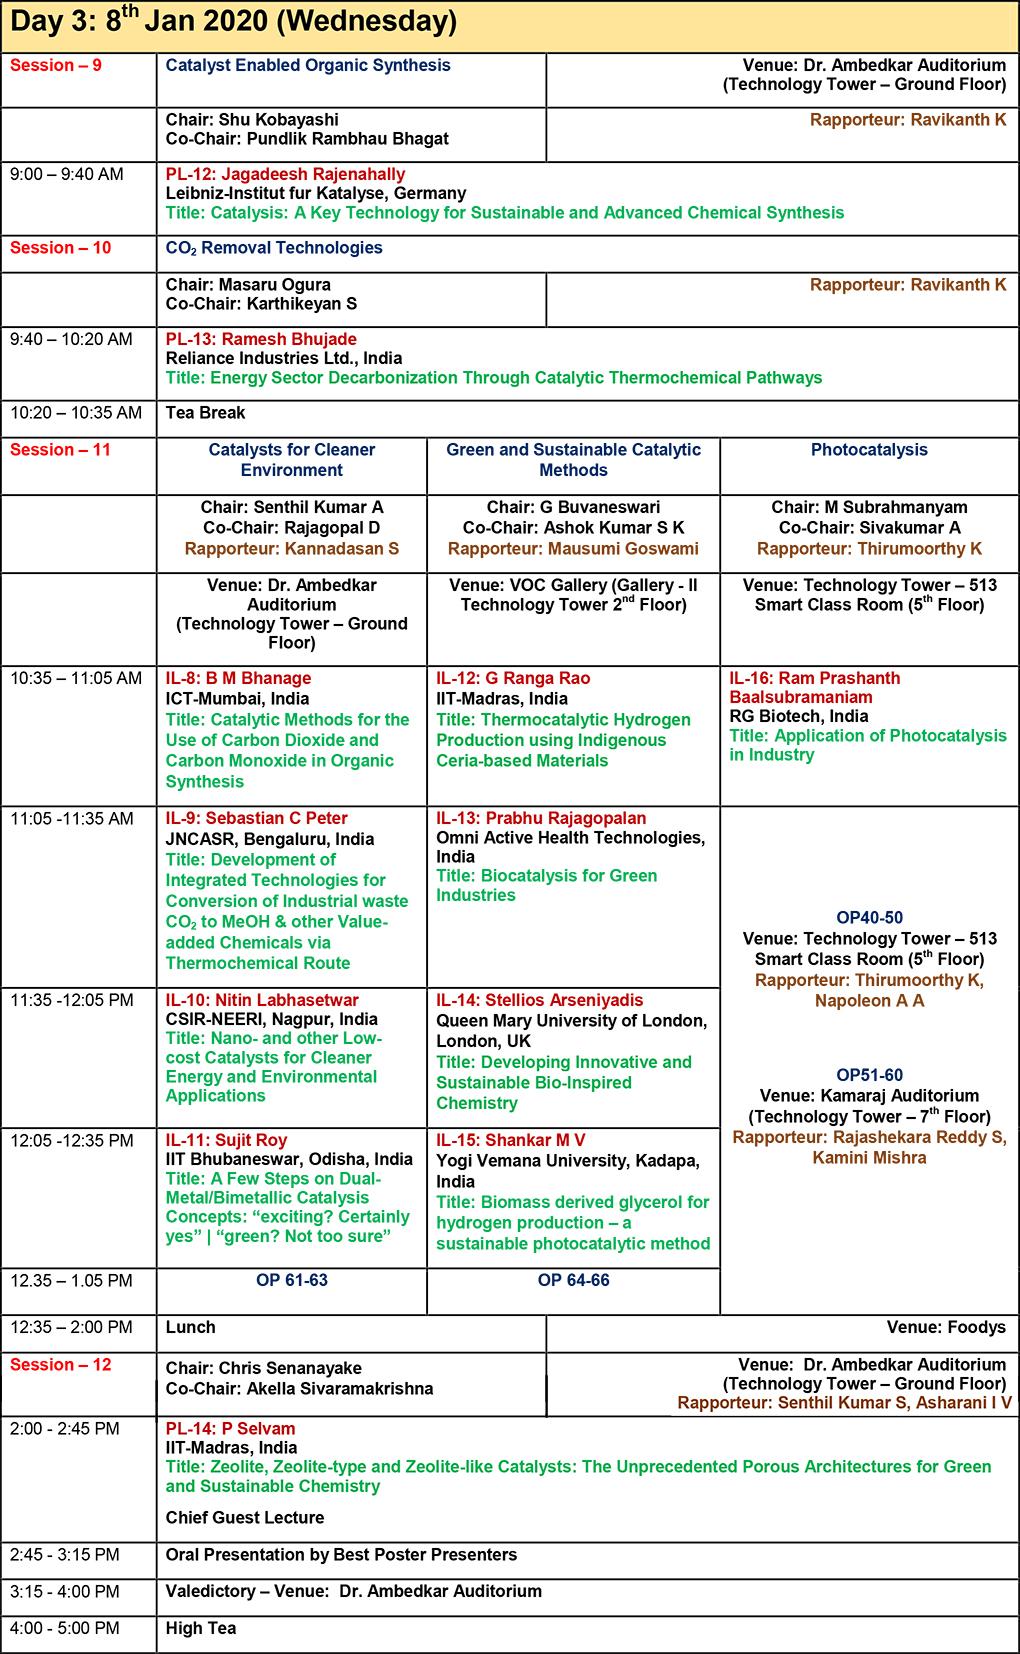 ETC2020-Day-3-schedule